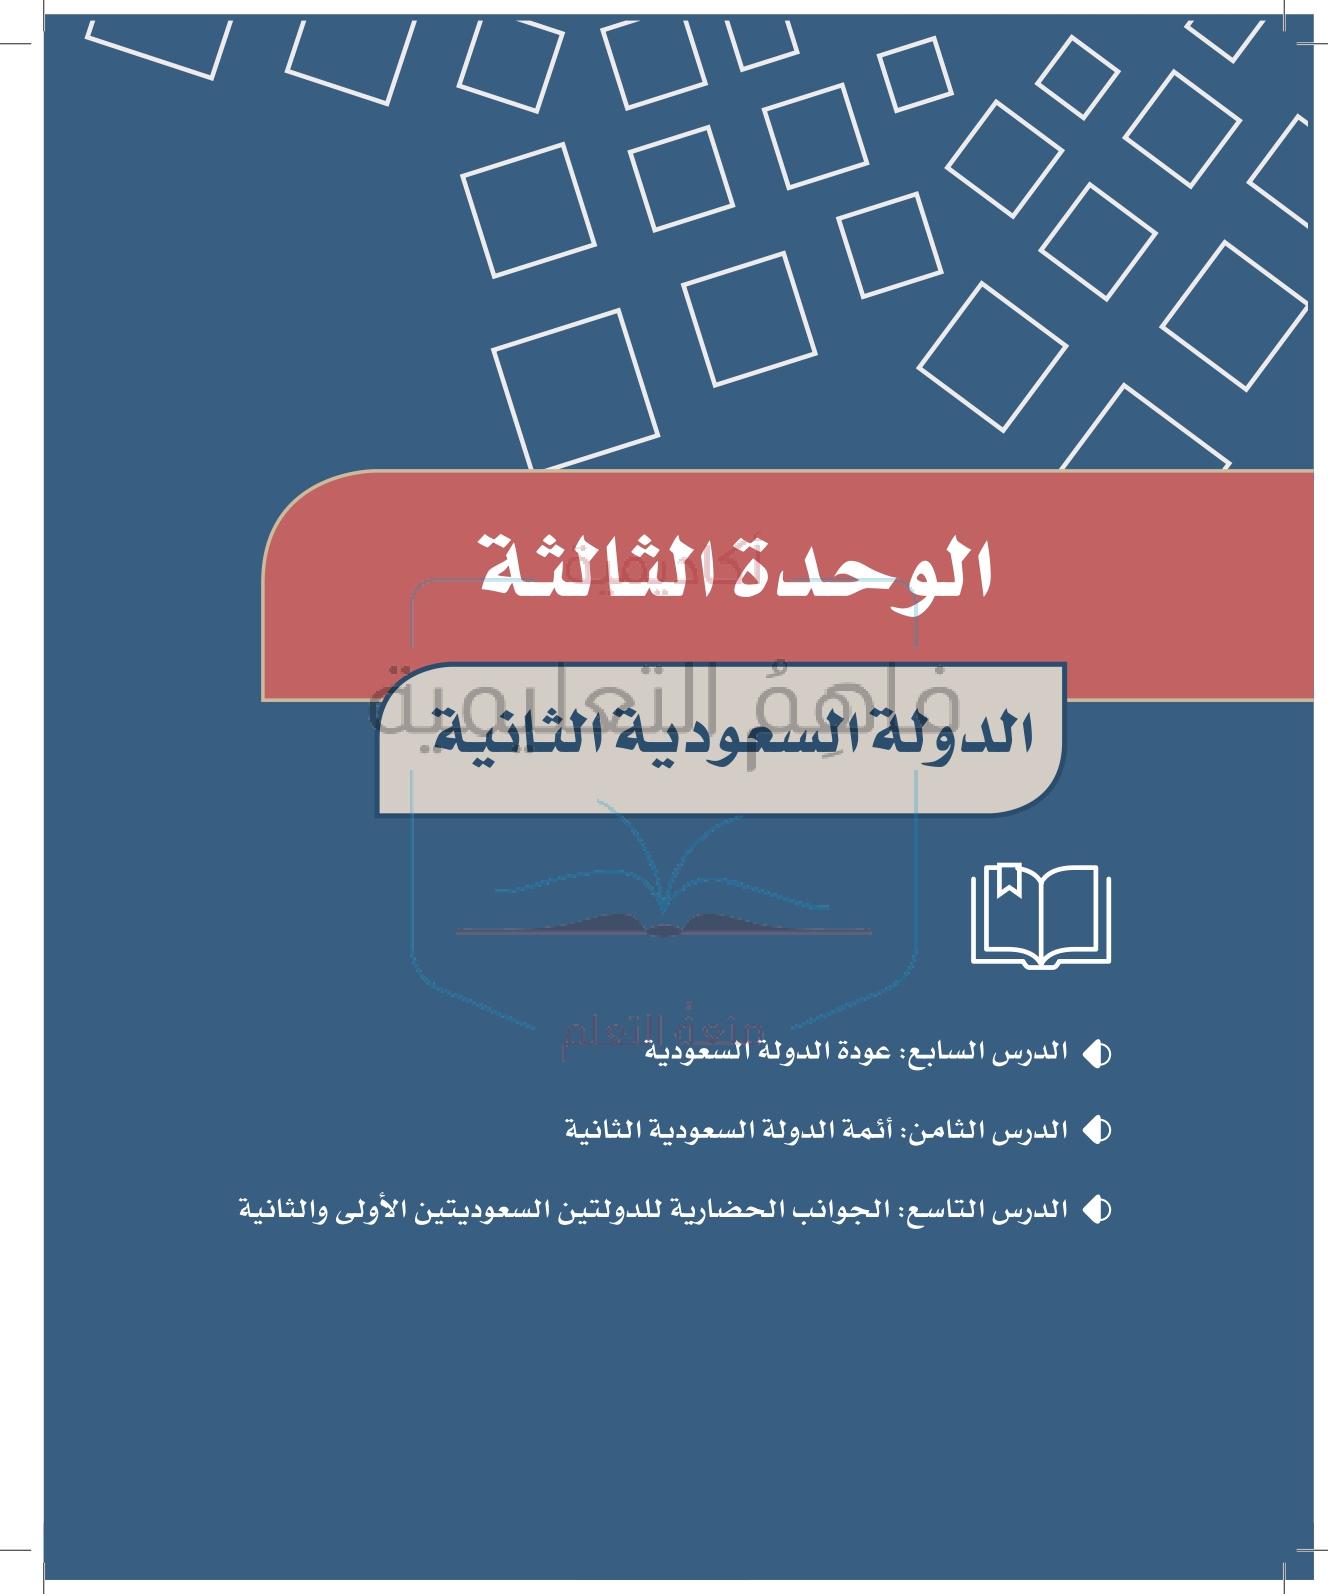 حل دراسات اجتماعية سادس – الوحدة (3) – الدولة السعودية الثانية – صفحة 68-86